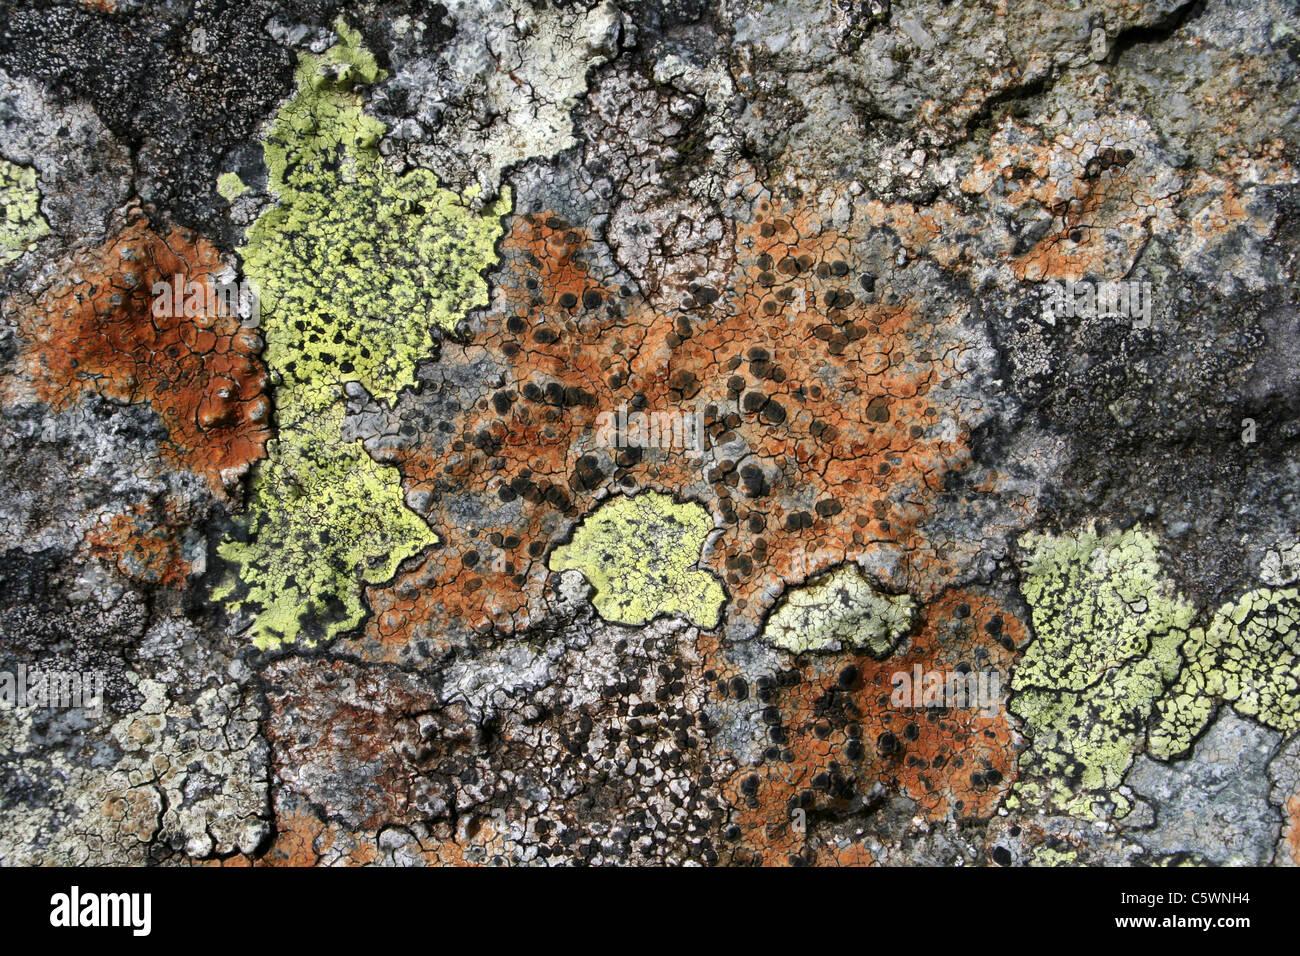 Crustose Lichens Lecidea lithophila and Rhizocarpon geographicum, Wales, UK Stock Photo